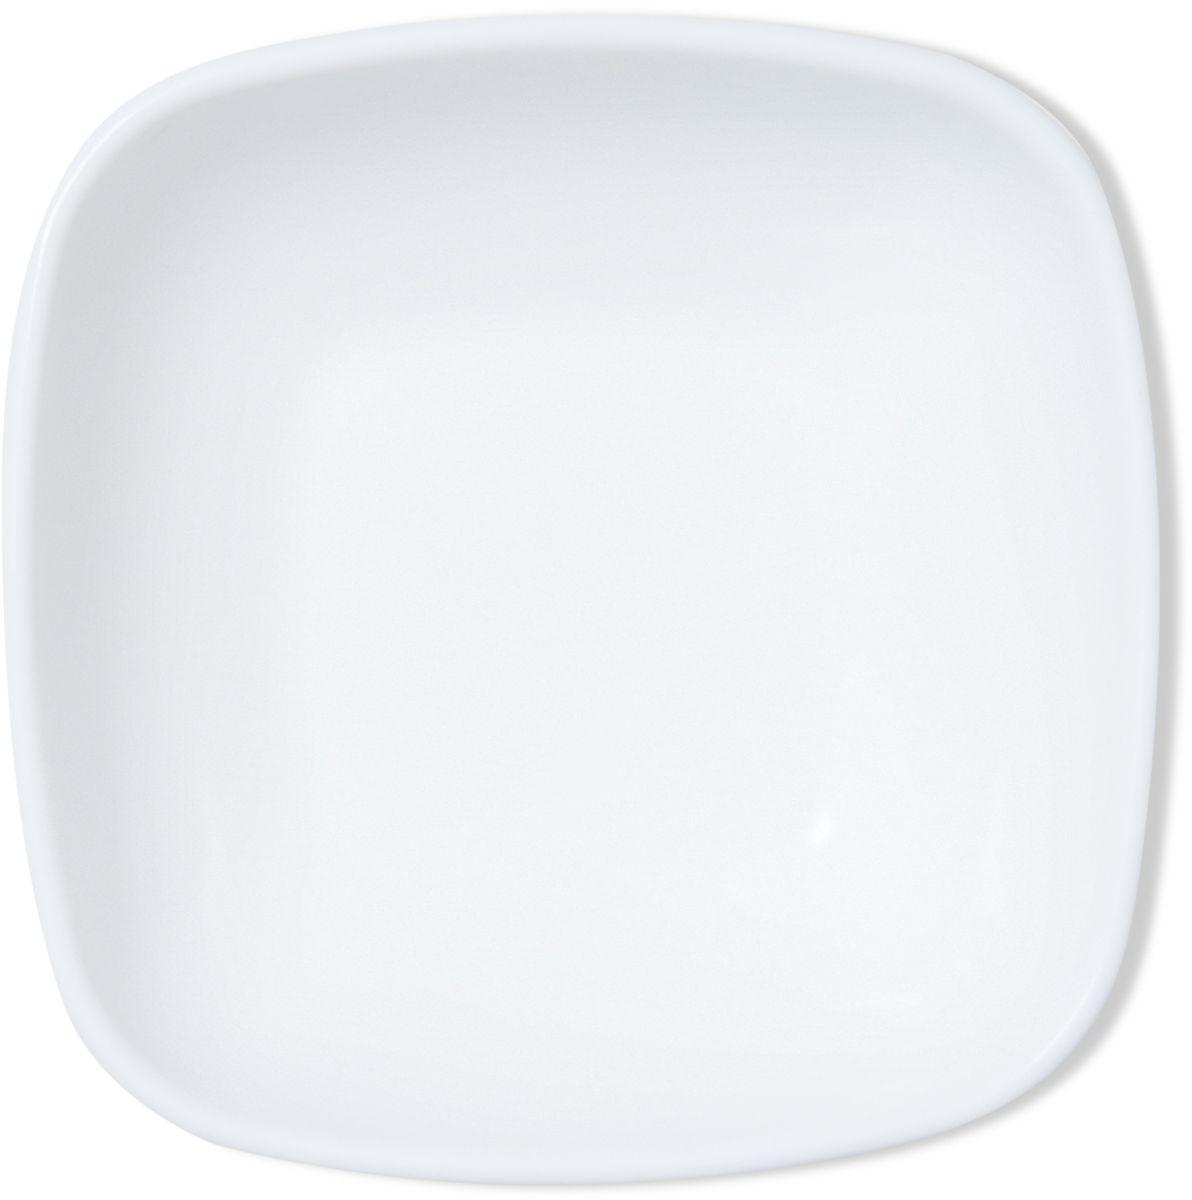 Миска Dosh l Home ADARA квадратная, 15 см400203Элегантные тарелки для стильной сервировки блюд и закусок. Изготовлены из высококачественного силикона белоснежного цвета. Силикон не впитывает запах и вкус продуктов, устойчив к царапинам. Подходит для микроволновой печи, холодильника. Можно мыть в посудомоечной машине. Мыть обычными моющими средствами, не использовать агрессивные вещества, металлические мочалки, острые предметы и т.д..